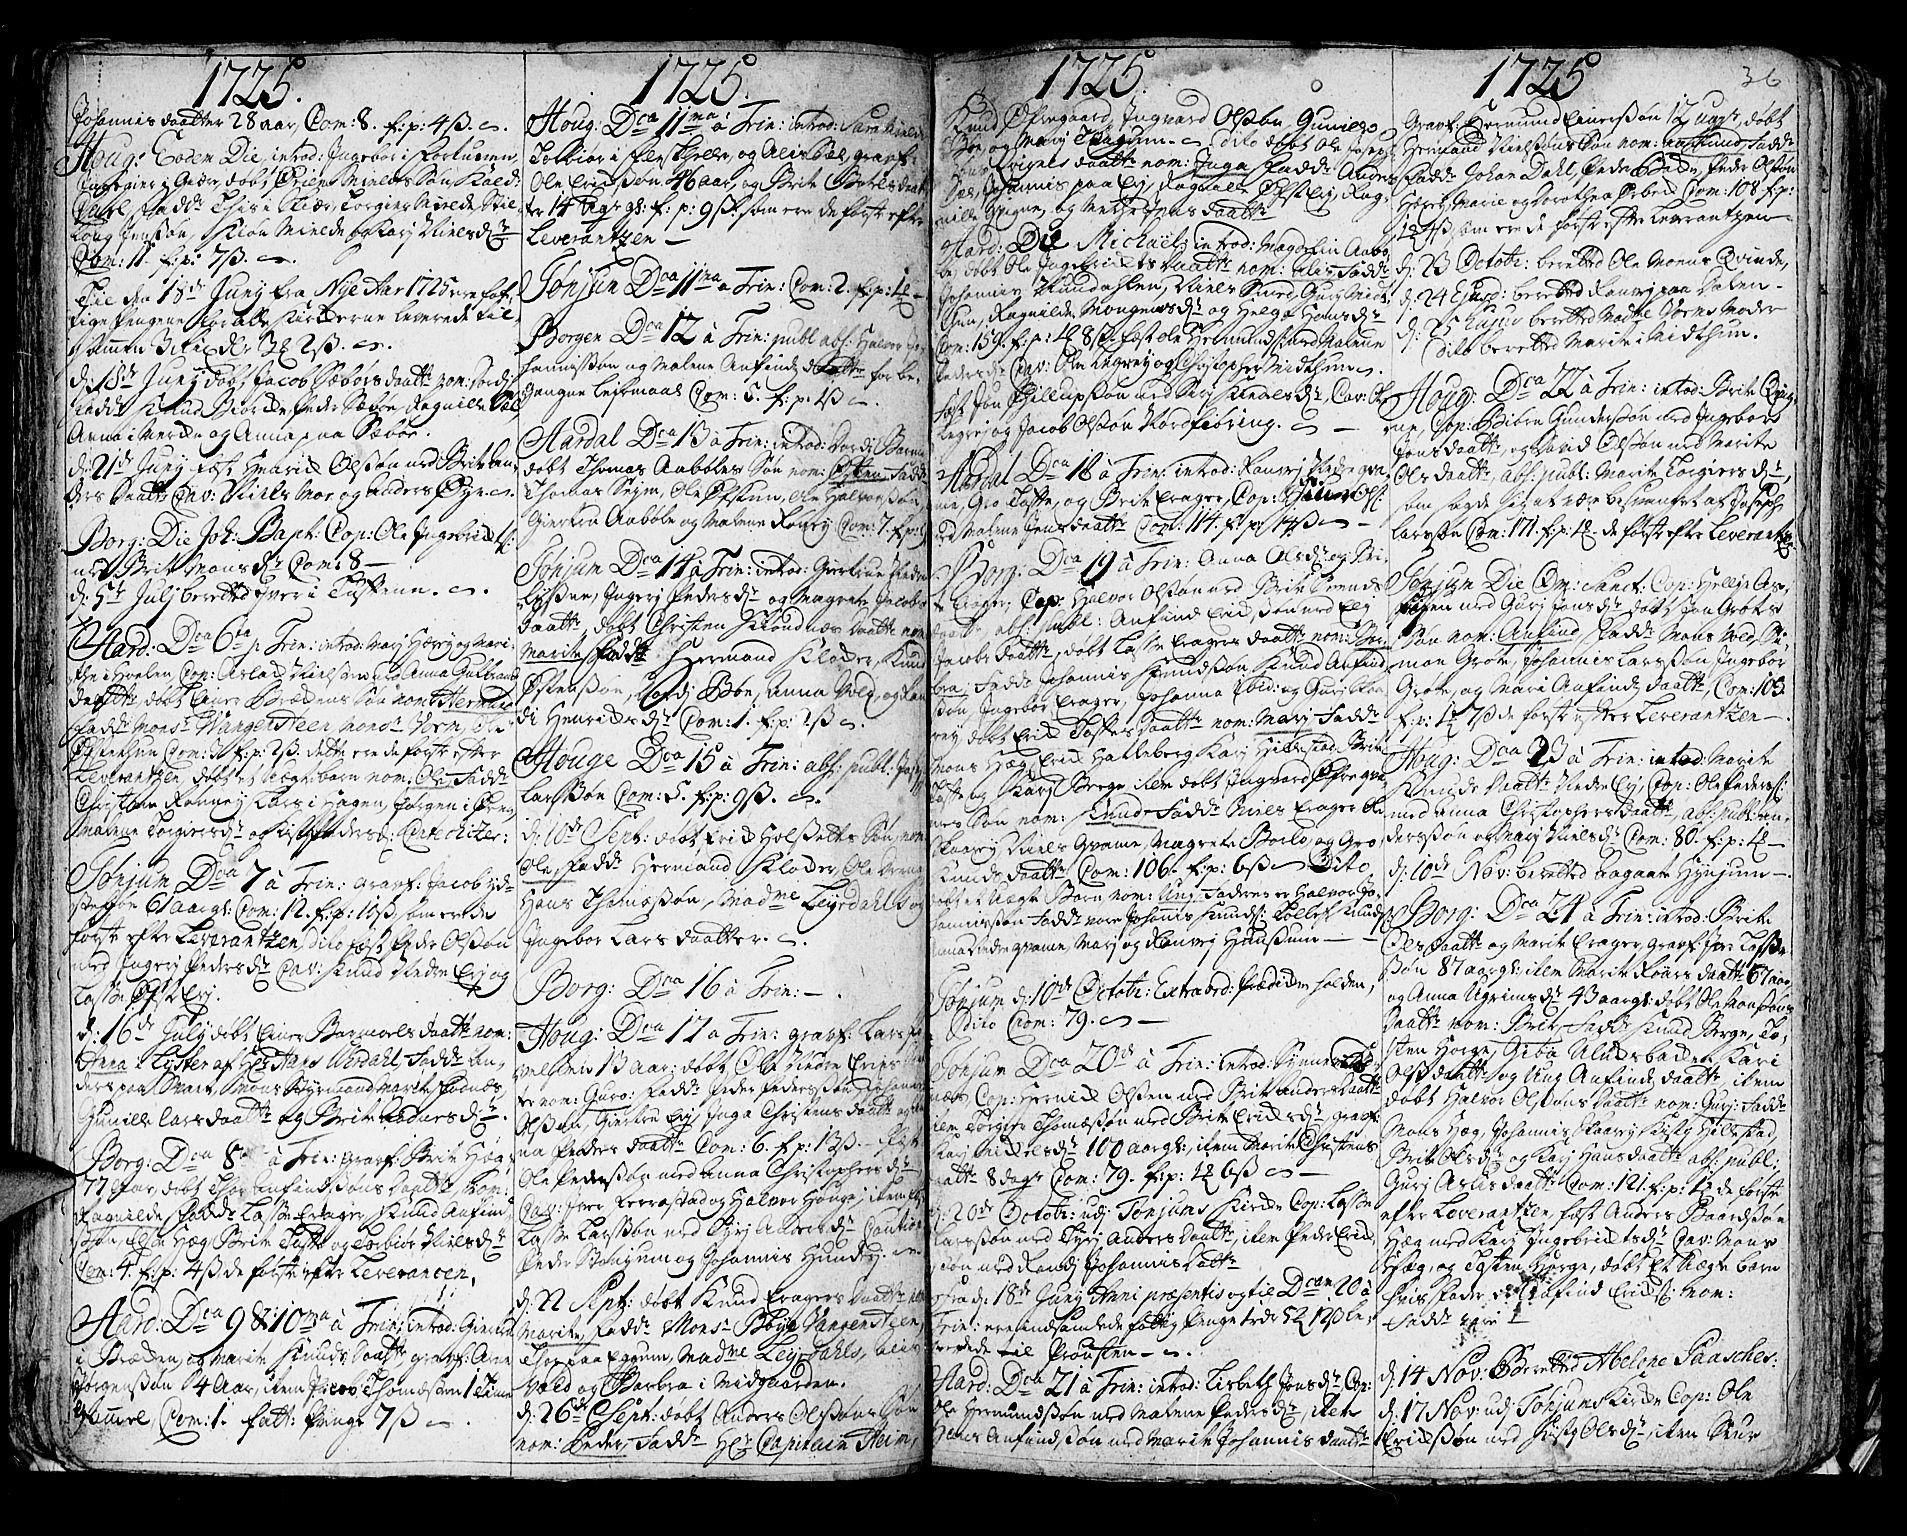 SAB, Lærdal Sokneprestembete, Ministerialbok nr. A 1, 1711-1752, s. 36